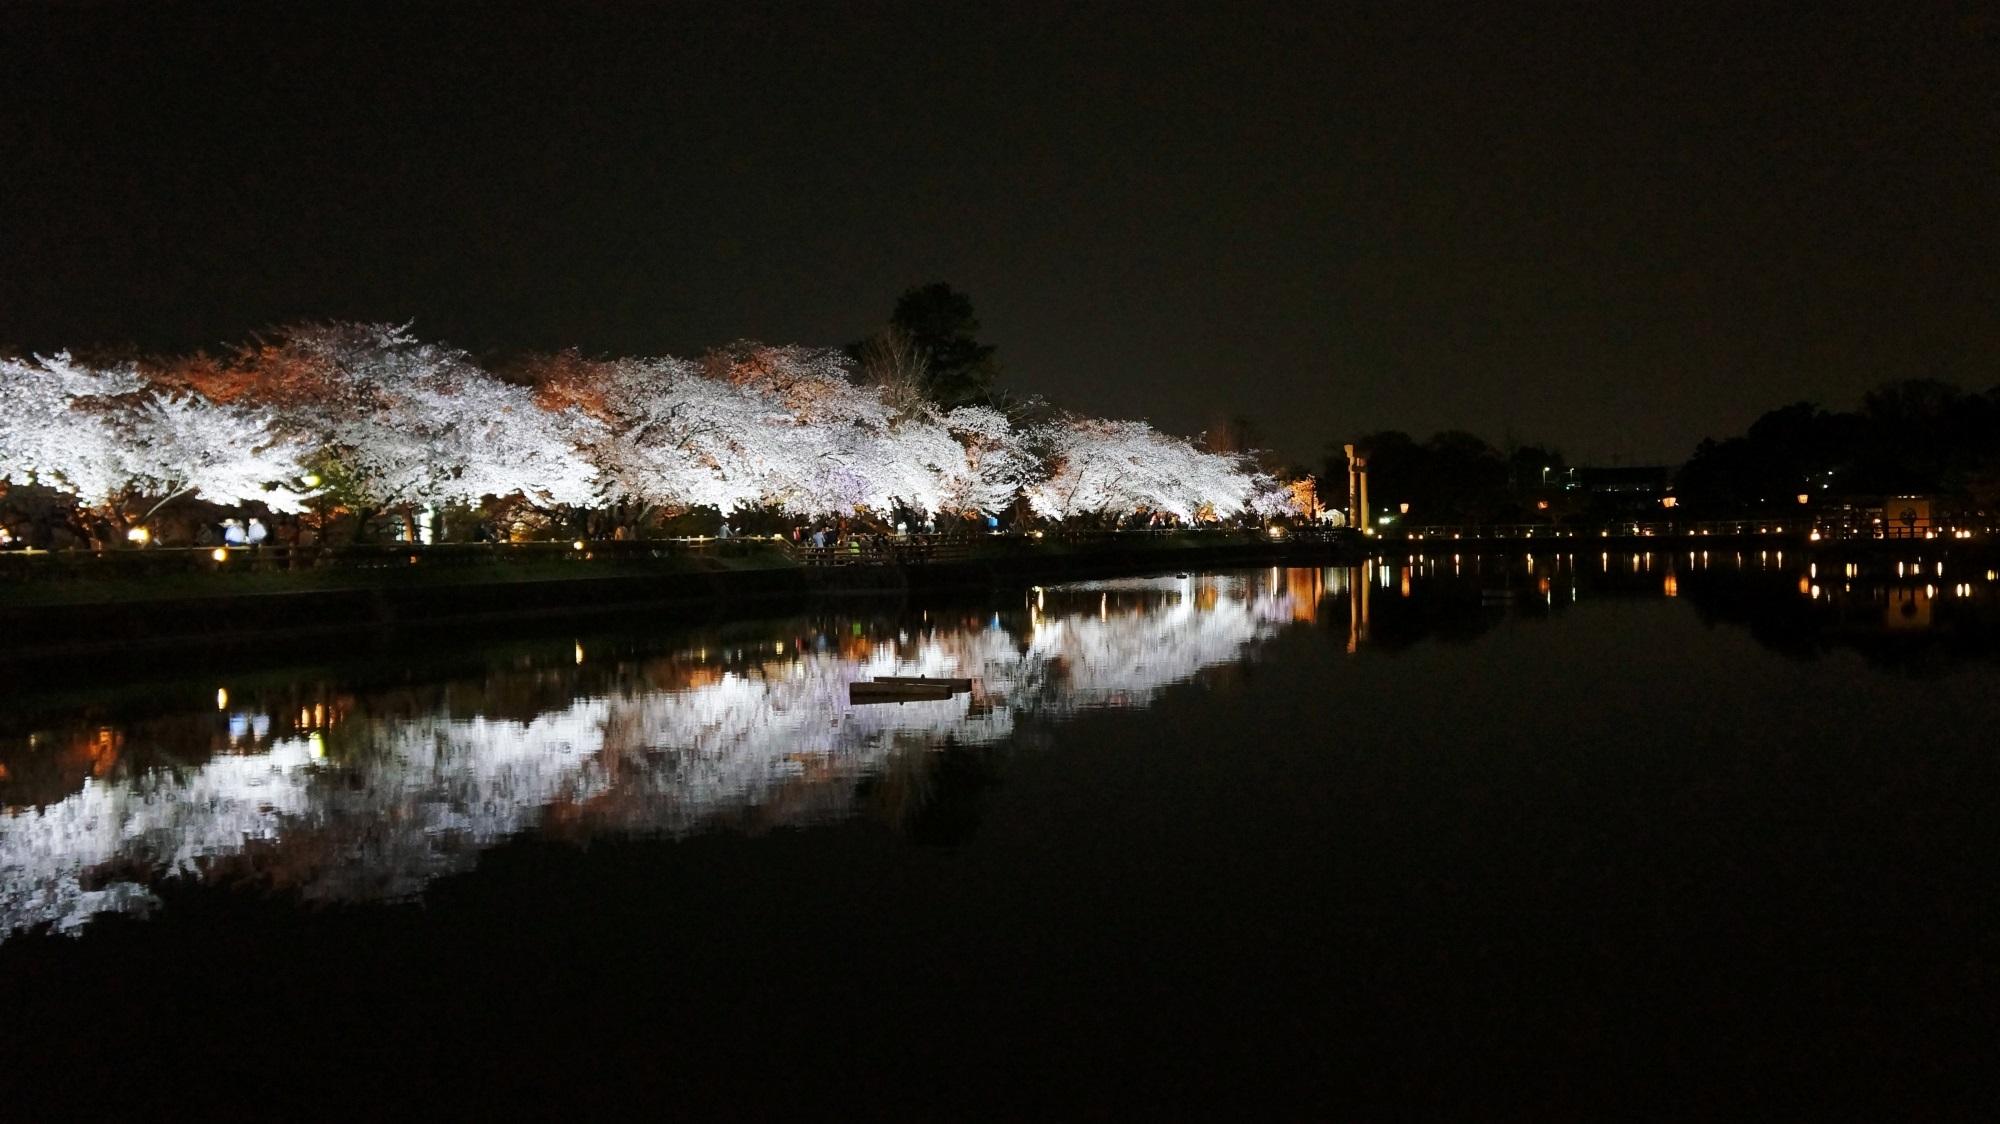 長岡天満宮 桜 ライトアップ 幻想的な夜桜と水鏡